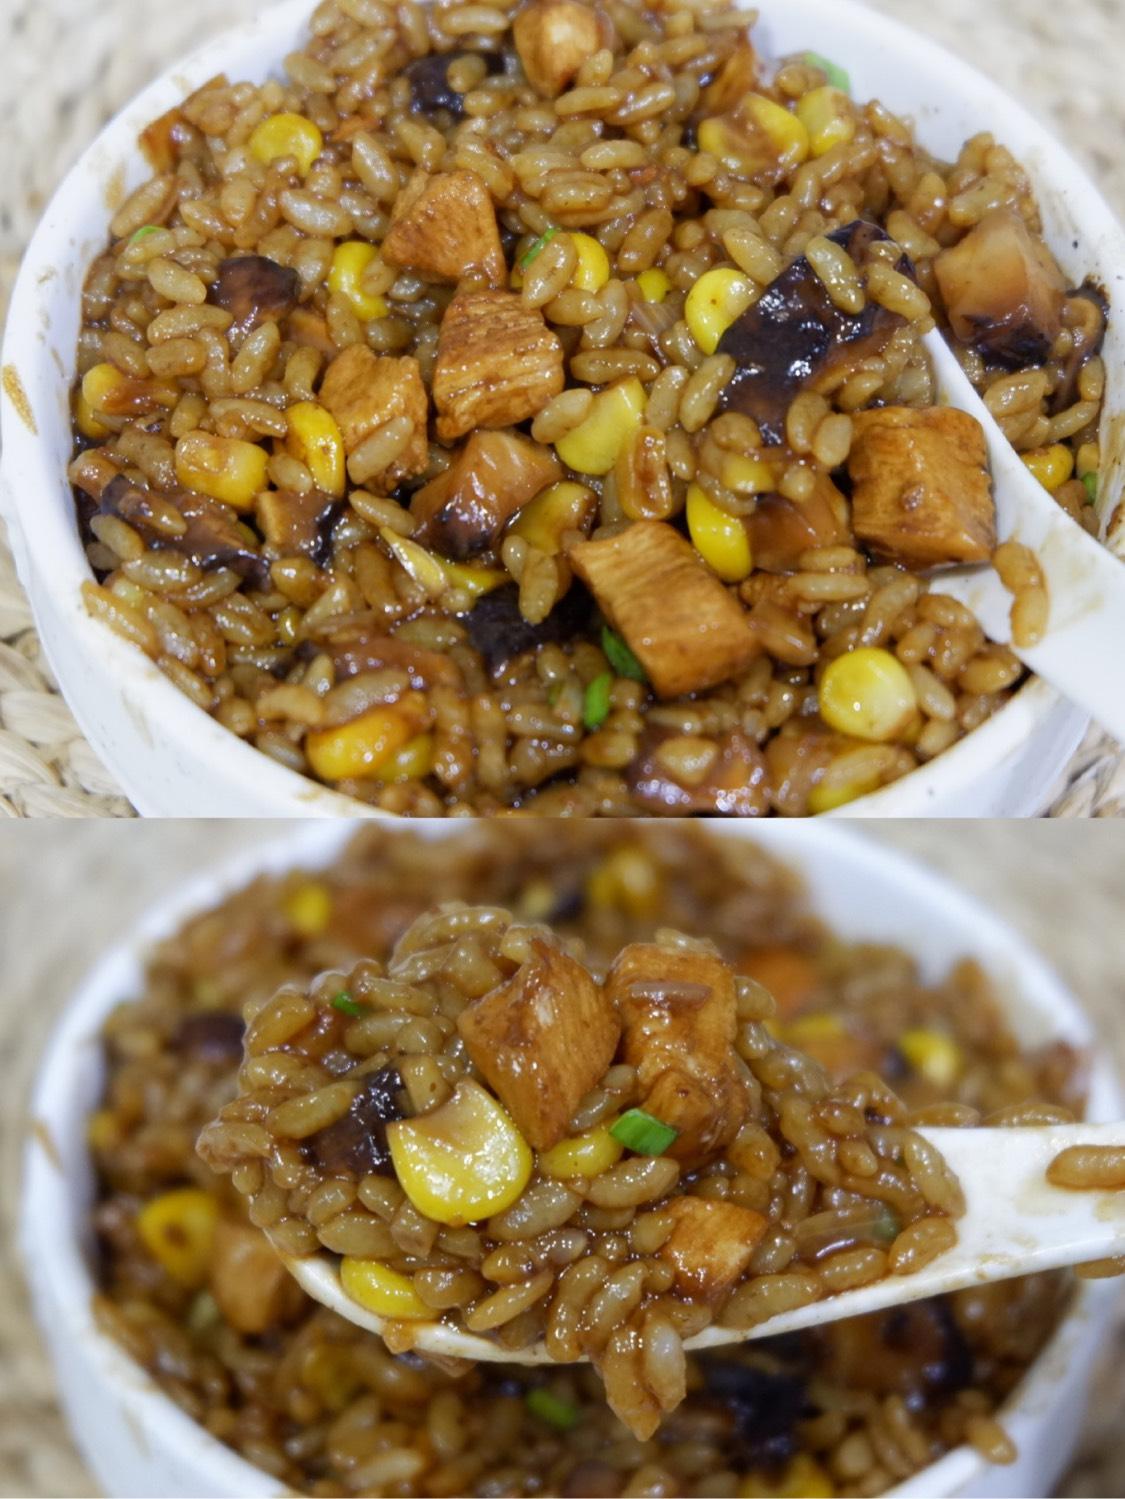 #日日煮食谱专栏 🔥瞬间舔盘‼️香菇鸡肉烩饭💯味道浓郁简单易做